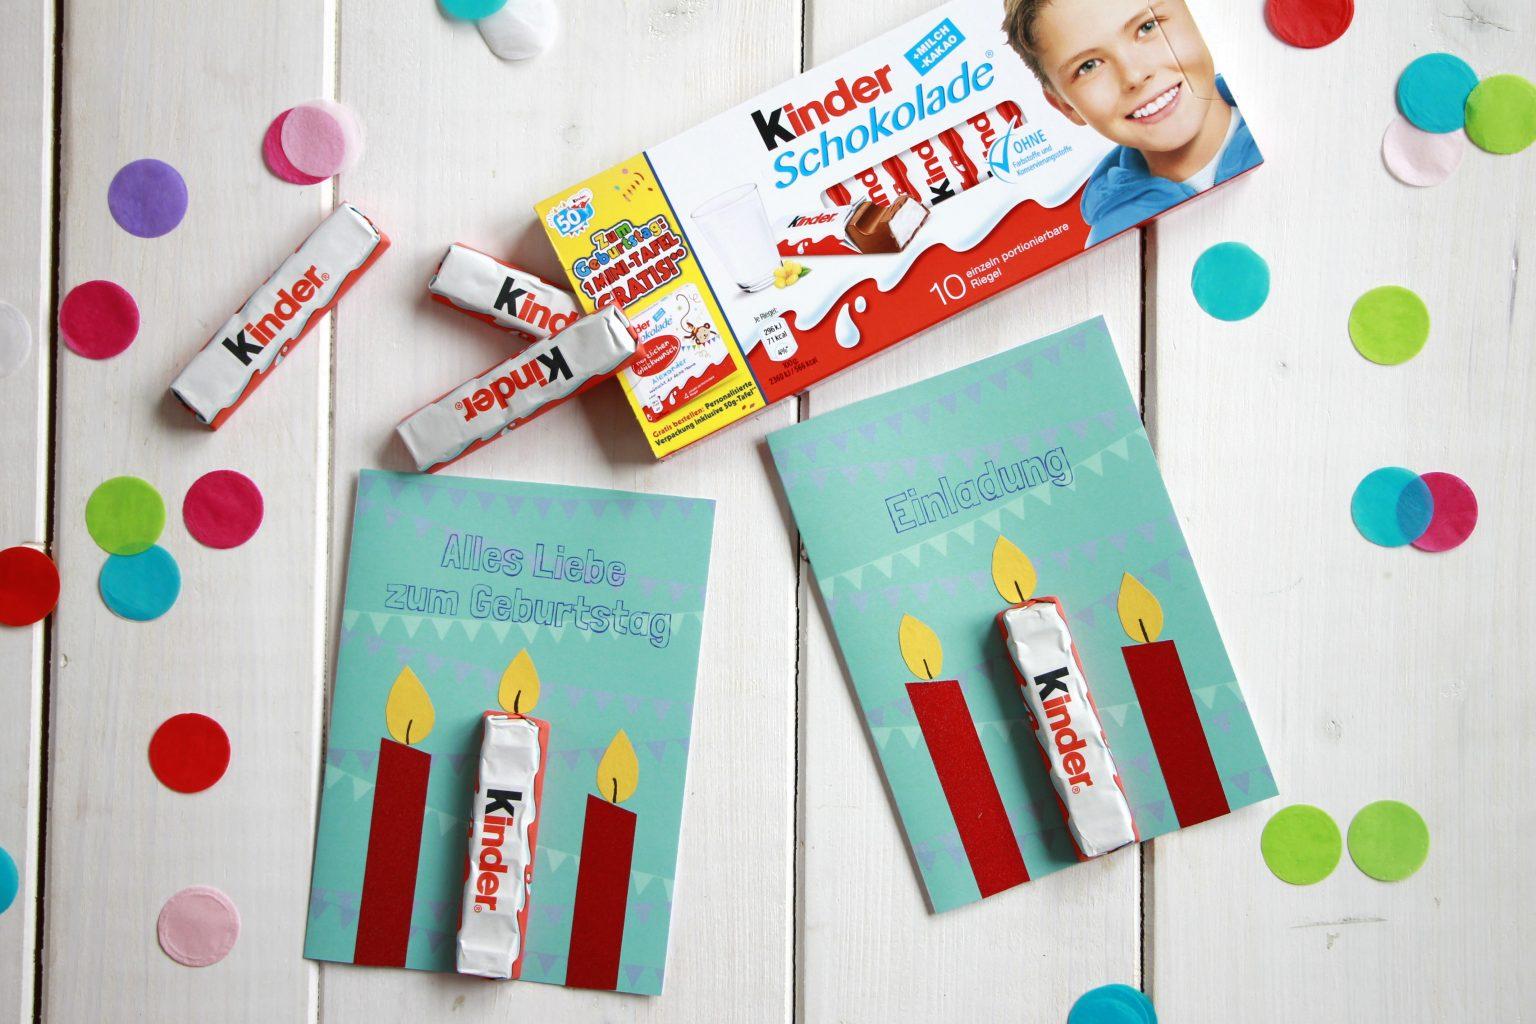 Einladungskarte Kindergeburtstag Idee mit Ferrero kinder Schokolade